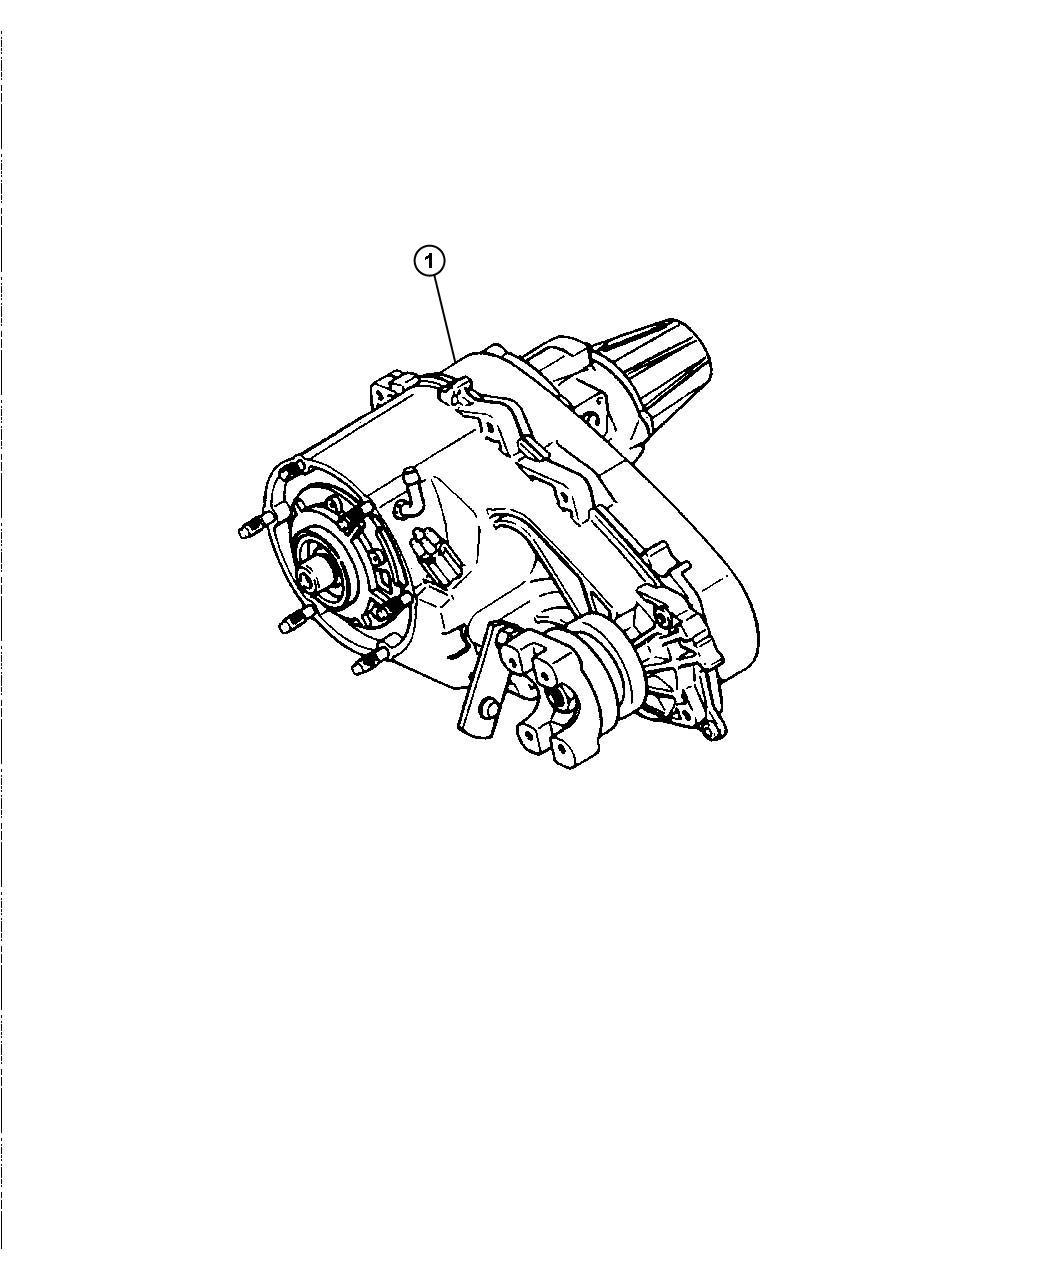 Dodge Journey Transfer Case Nv244 Remanufactured Time